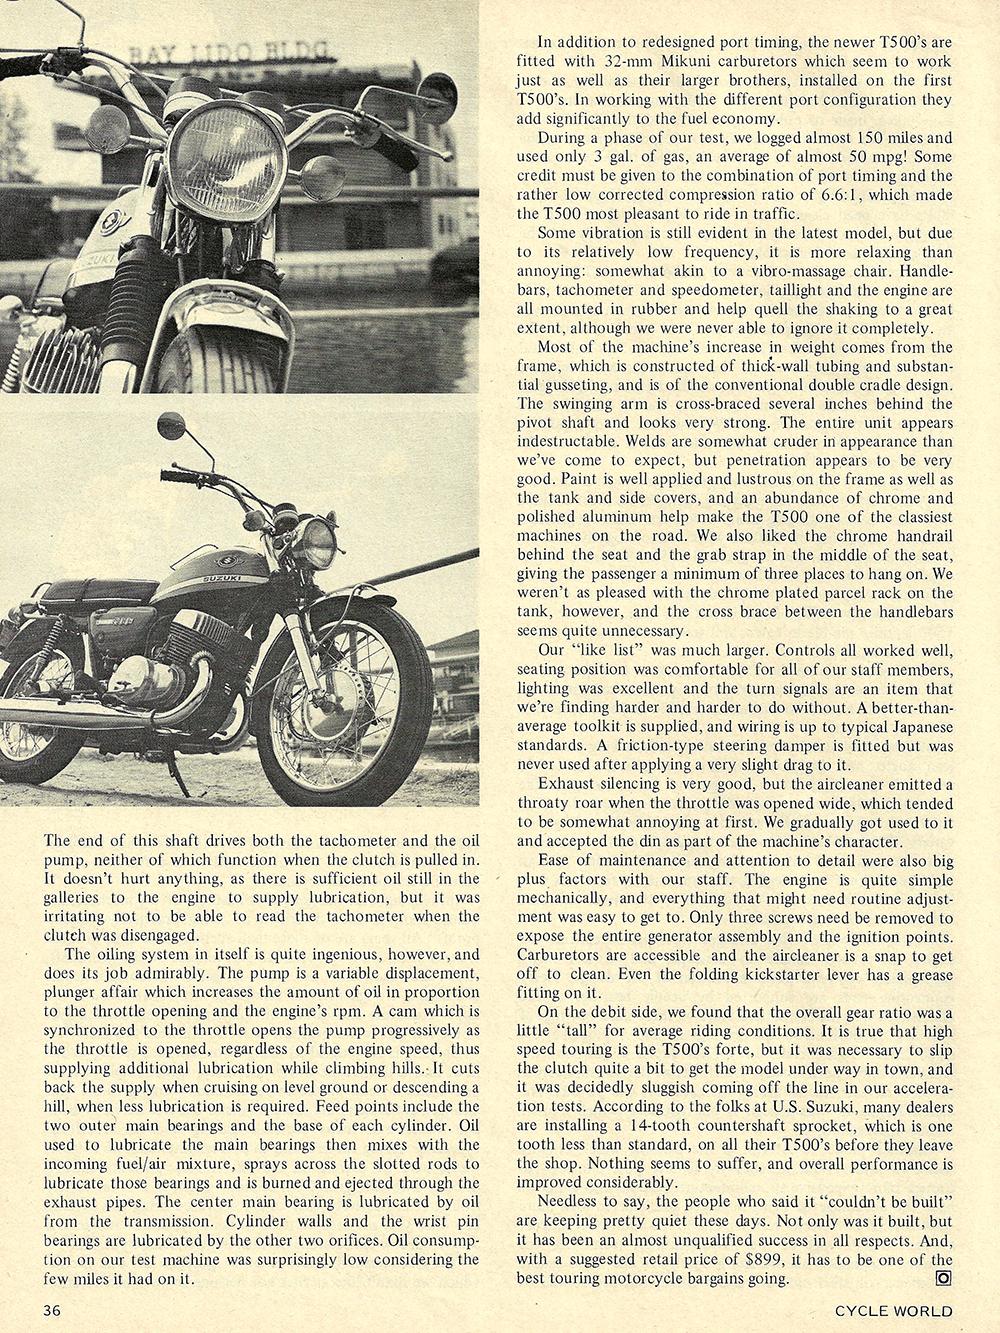 1970 Suzuki T500 III road test 03.jpg